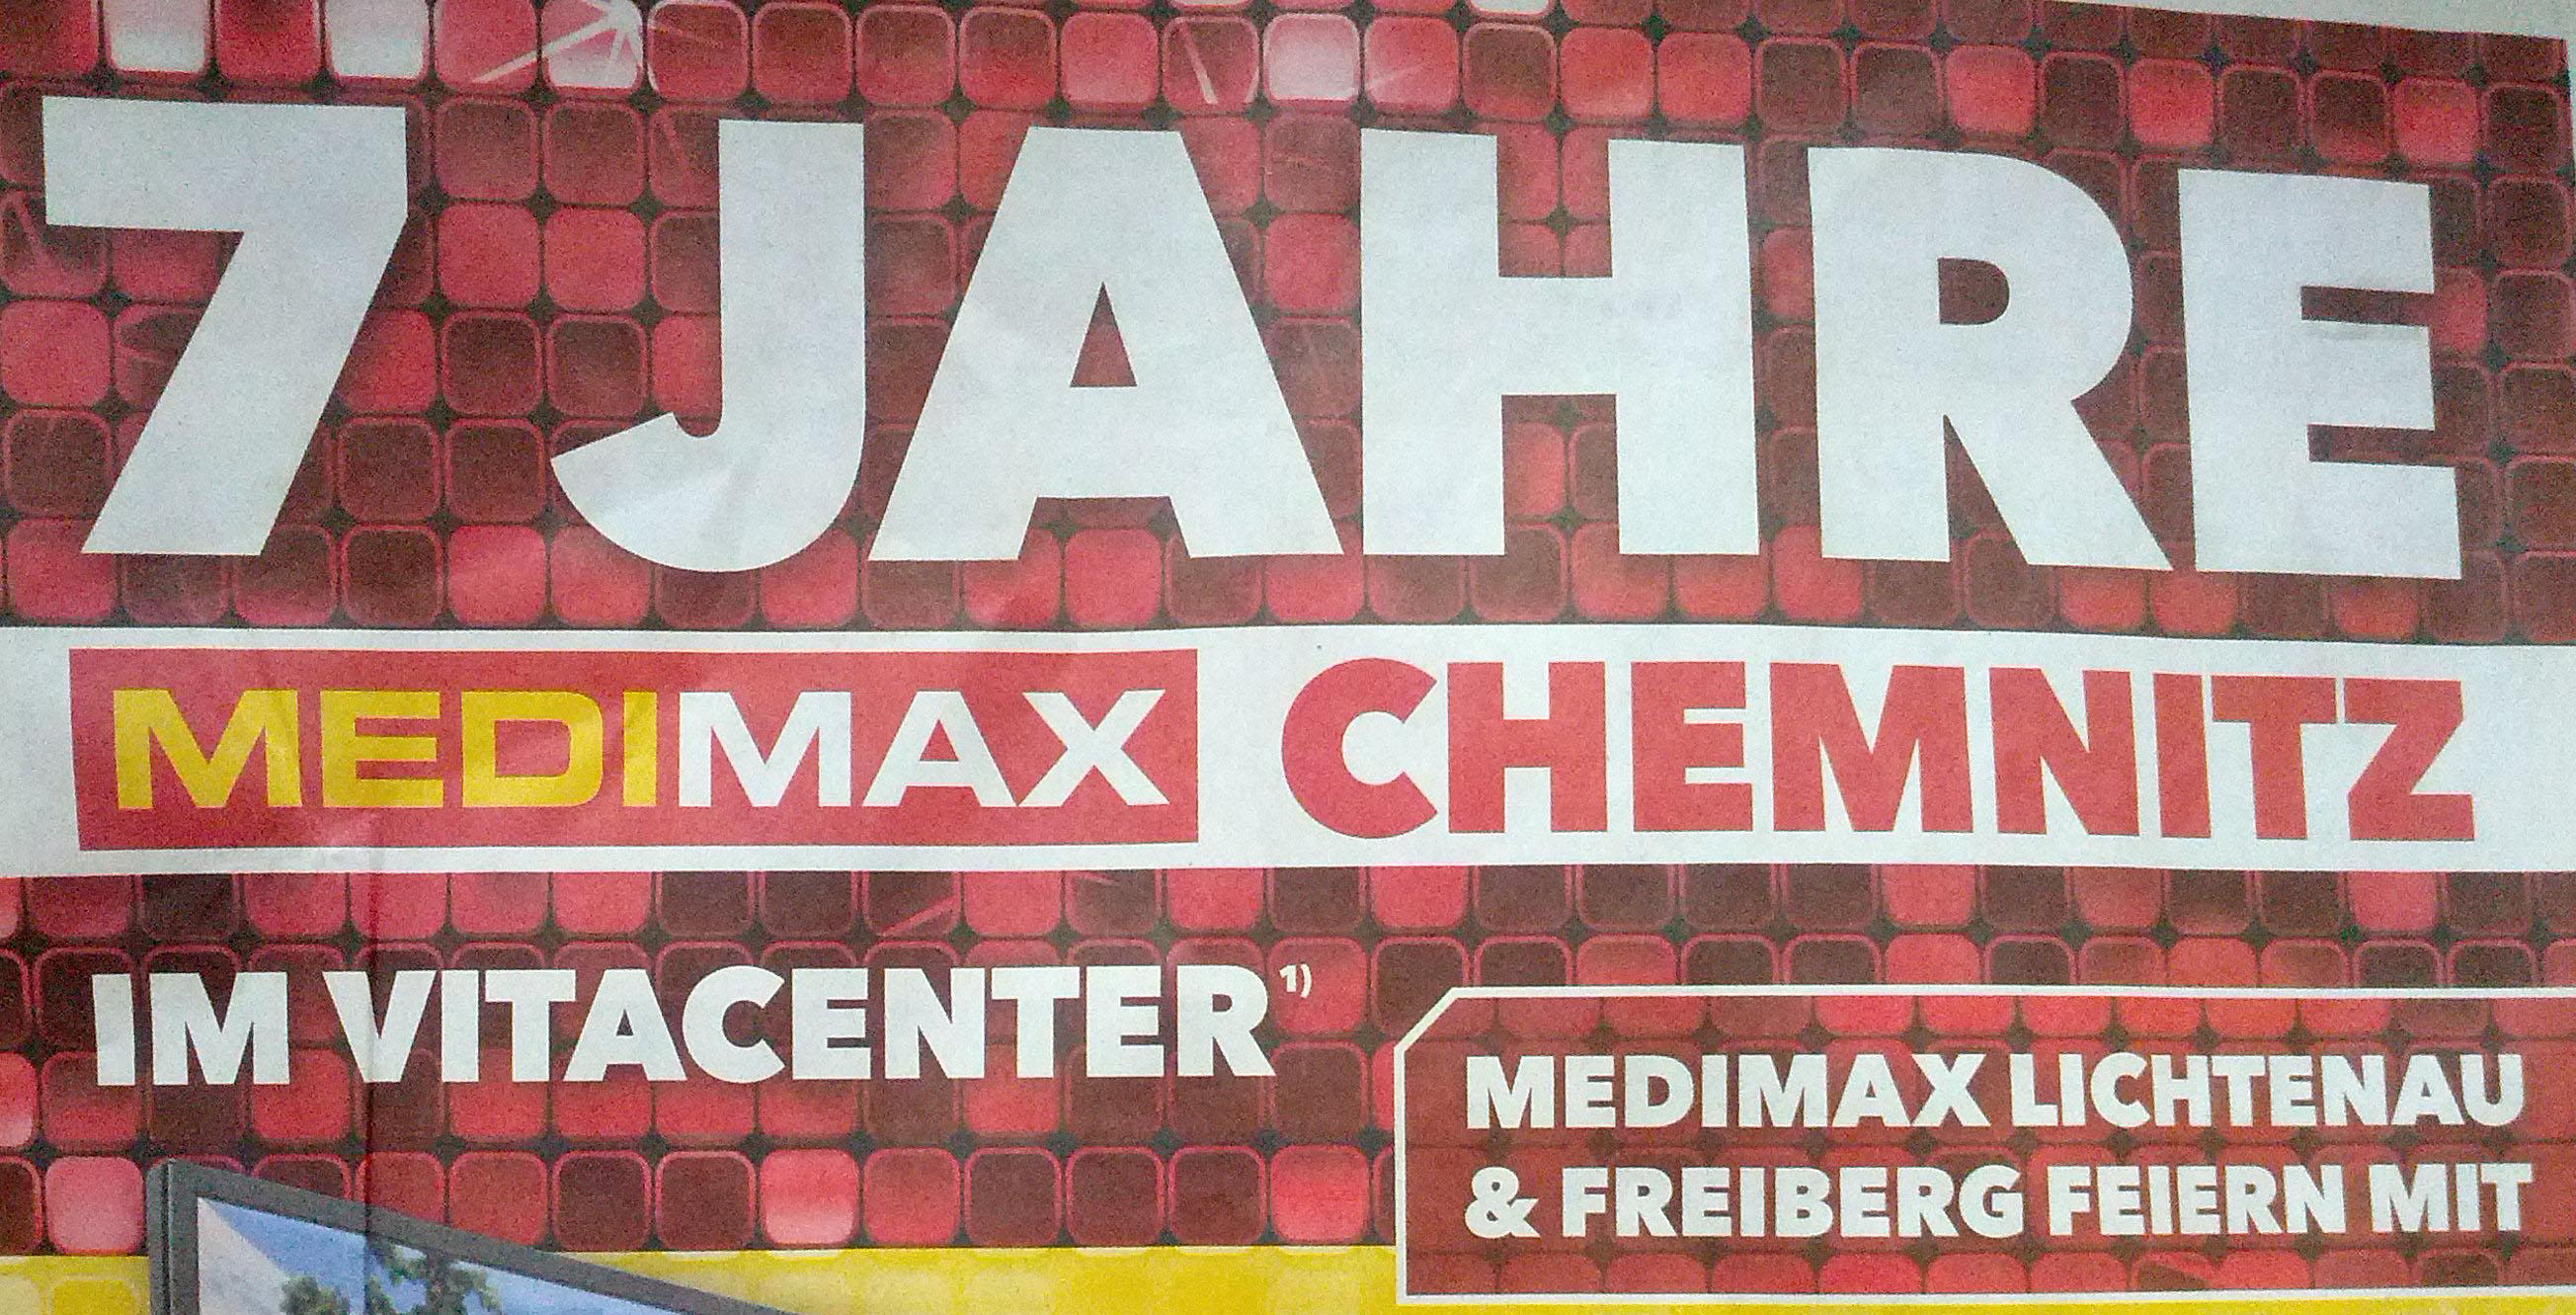 [Chemnitz-Lichtenau-Freiberg] Diverse Artikel bis zu 40% unter Idealo - 7 Jahre Medimax